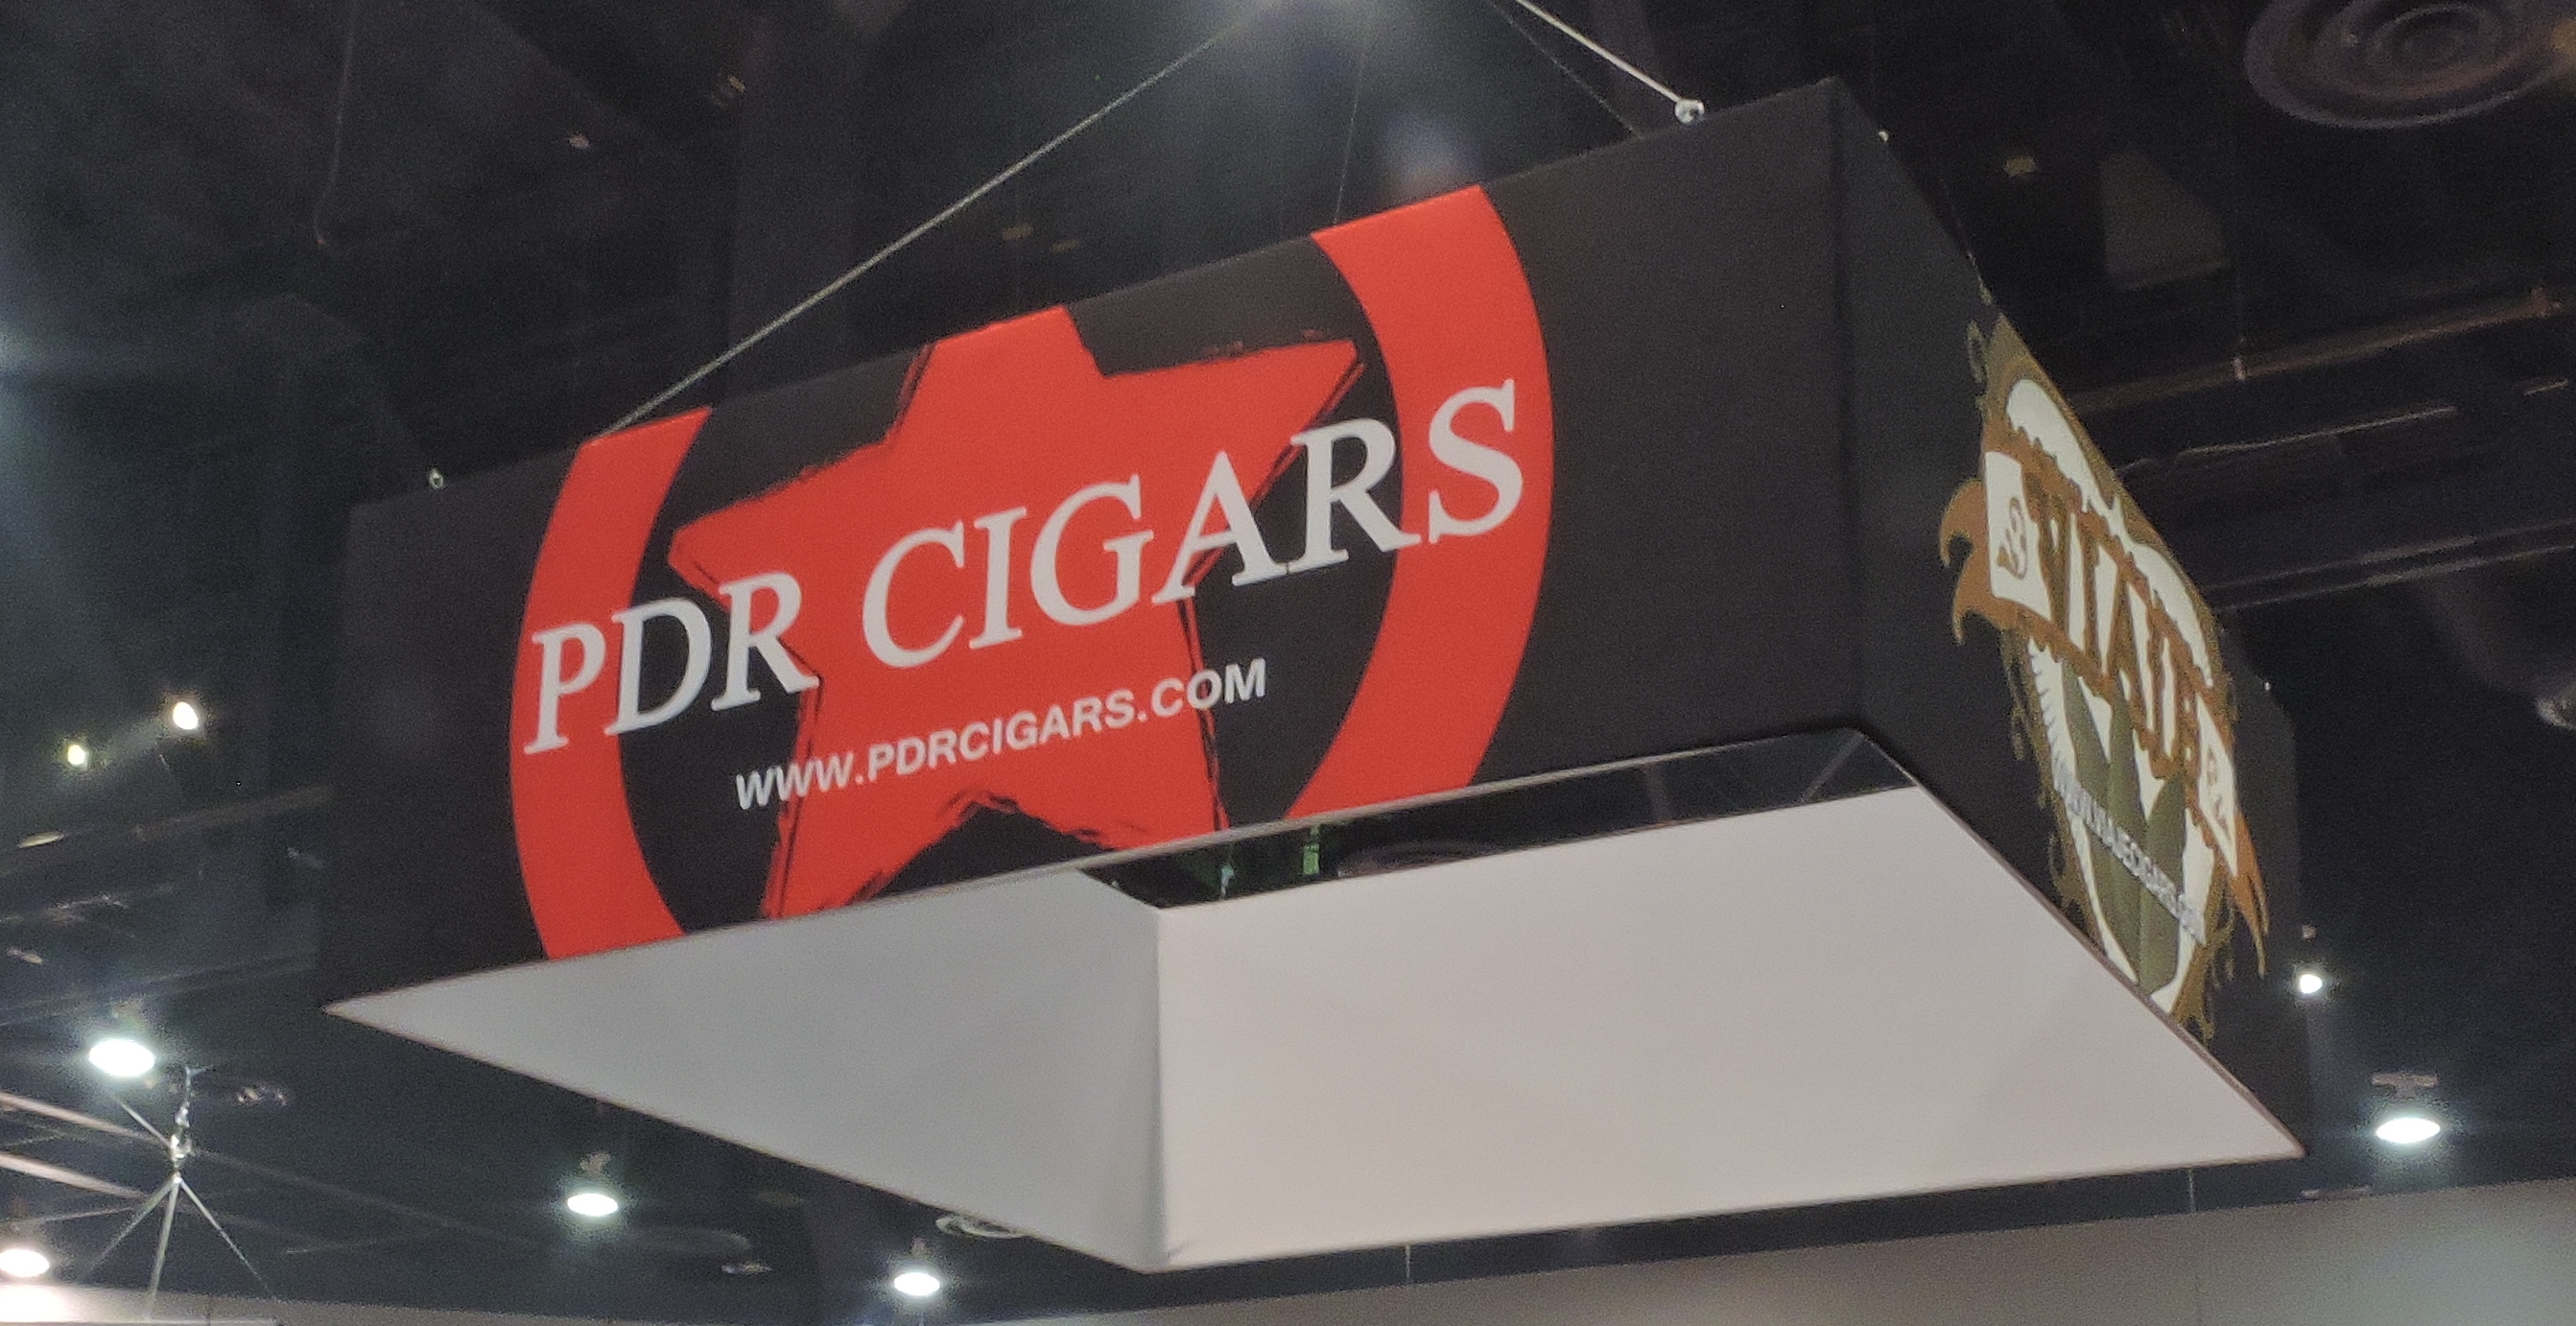 Cigar News: PDR Cigars Expands El Criollito Line at 2018 IPCPR